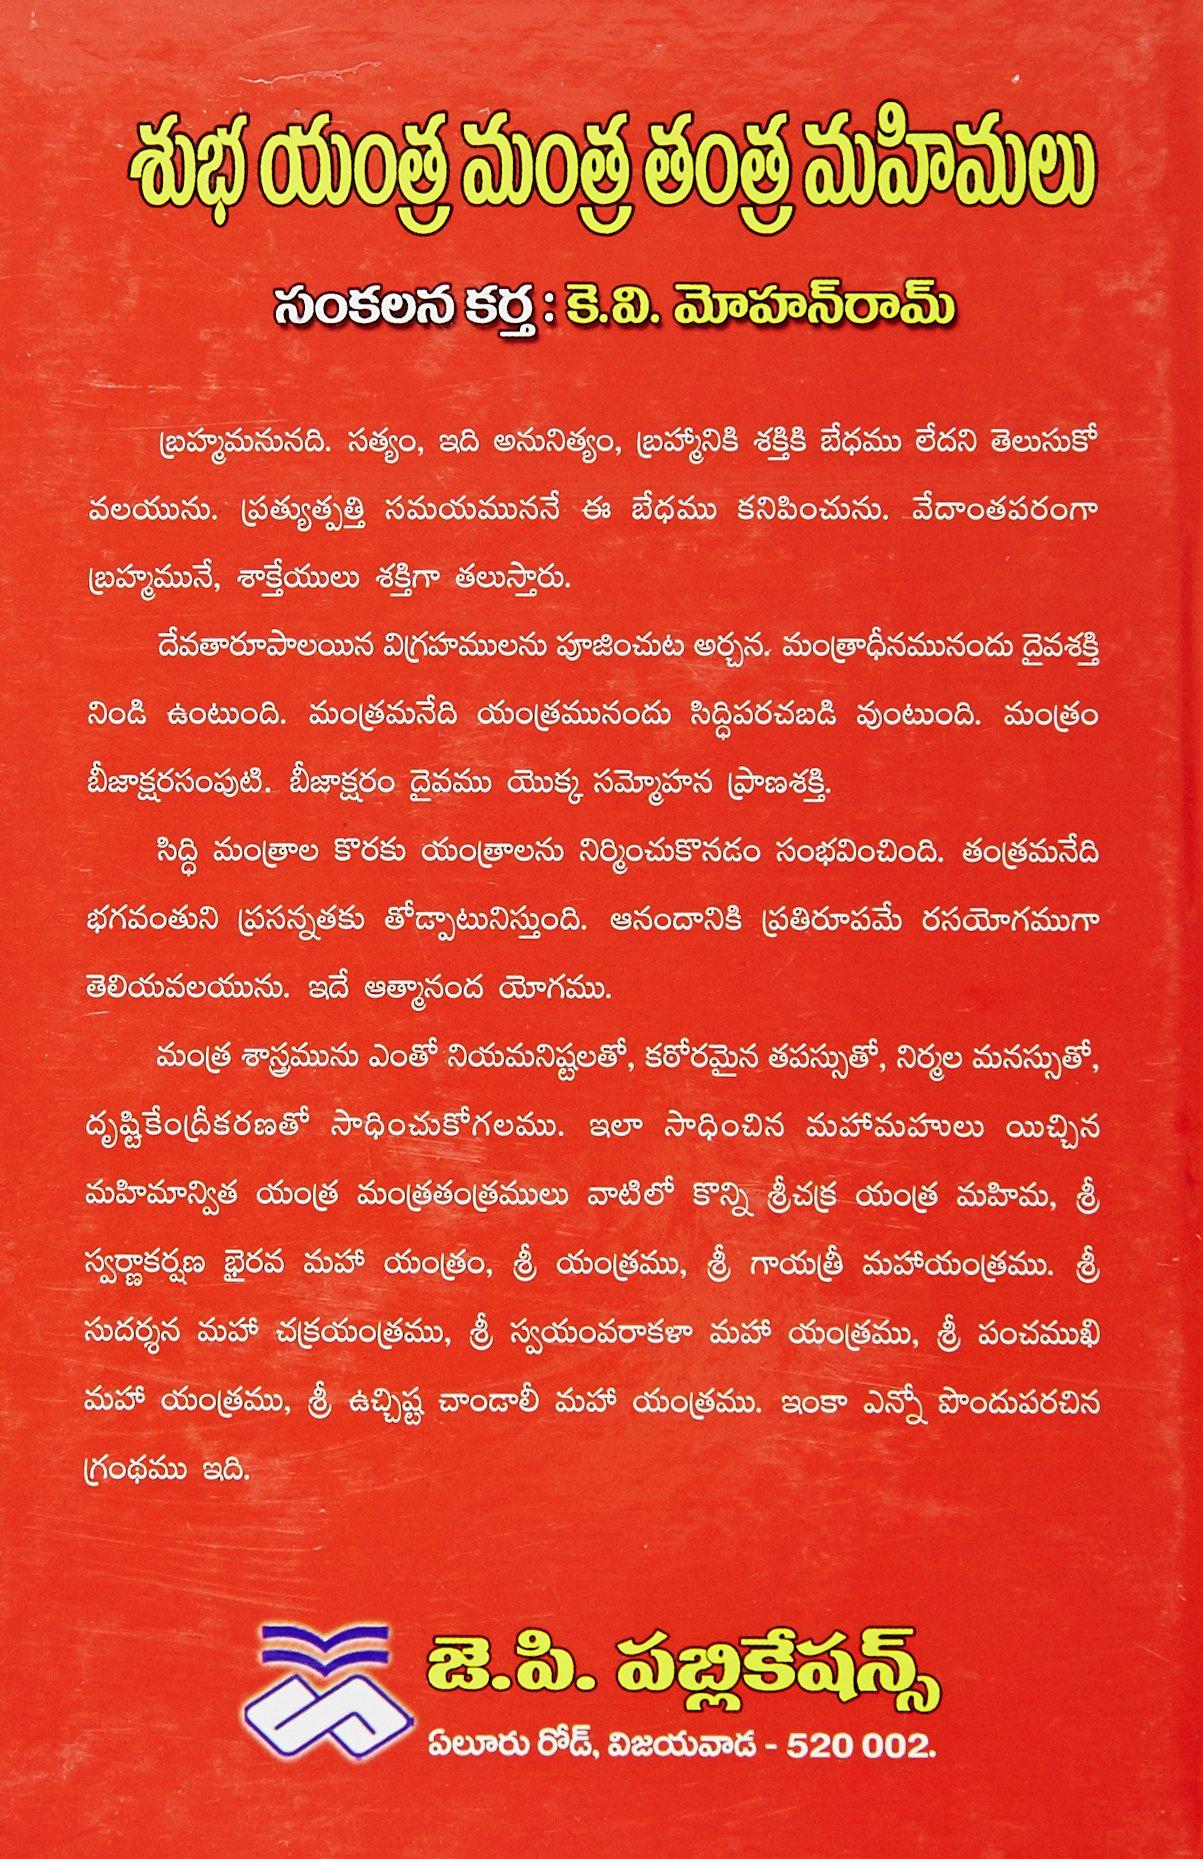 Buy Subha Yantra Mantra Tantra Mahimalu Book Online at Low Prices in